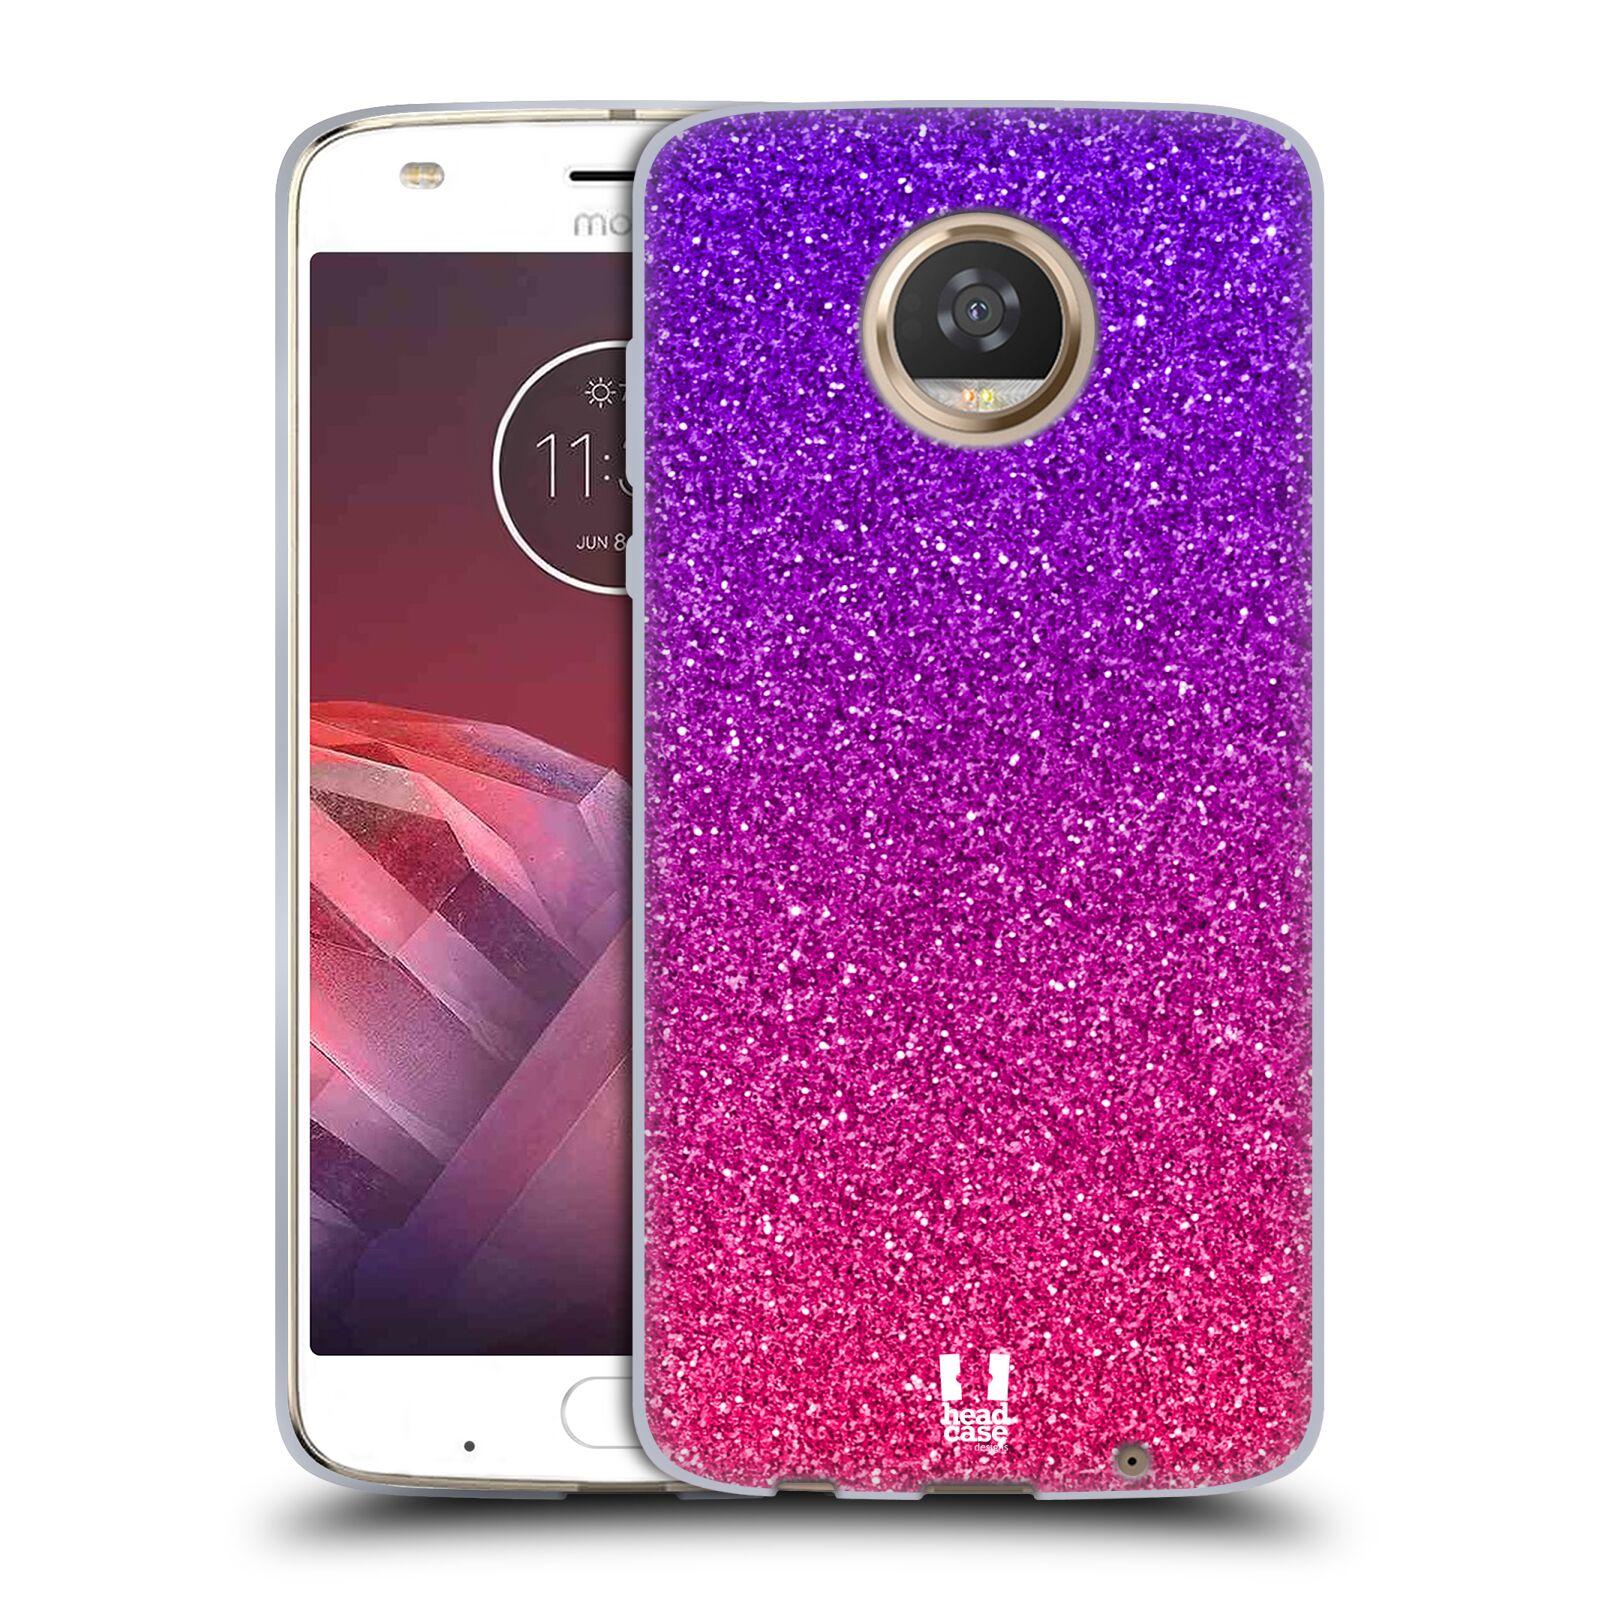 Silikonové pouzdro na mobil Lenovo Moto Z2 Play - Head Case - Mix Pink (Silikonový kryt či obal na mobilní telefon Lenovo Moto Z2 Play s motivem Mix Pink)